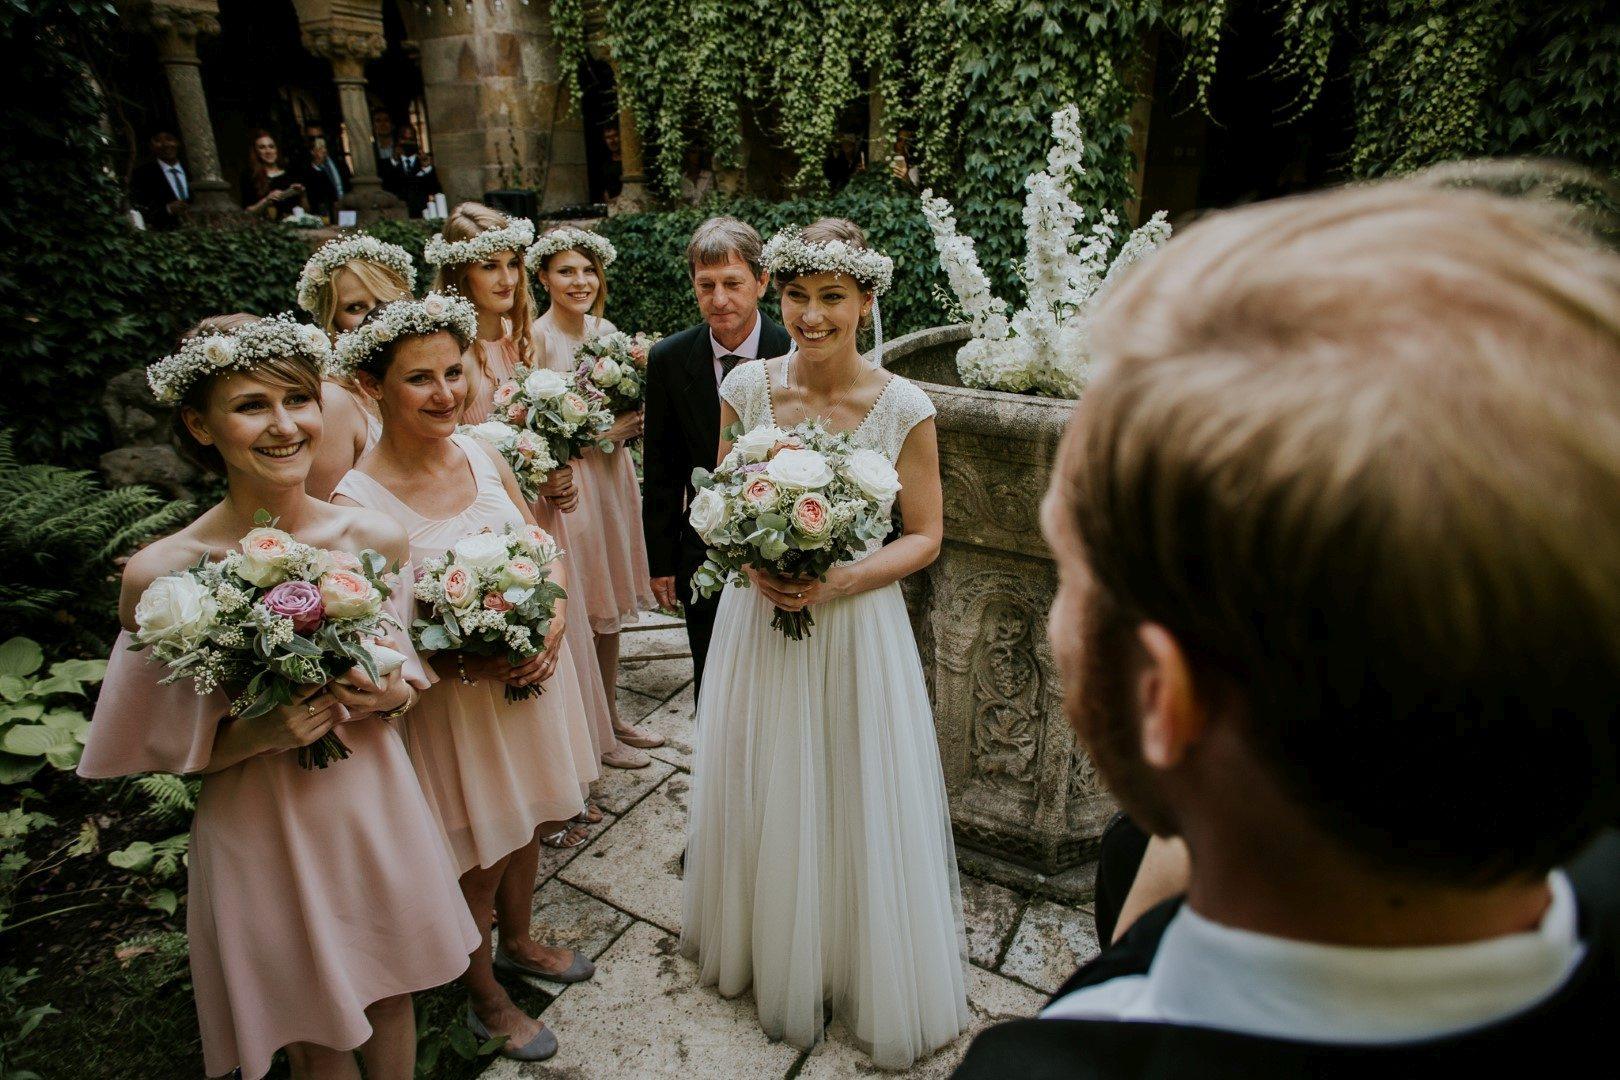 ,valódi esküvők,esküvő,esküvői ruha,menyasszonyi ruha,szentivánéji álom,daalarna ruha,romantikus esküvő,vajdahunyadvár,esküvő,esküvői inspiráció,valódi esküvő,valódi menyasszony,